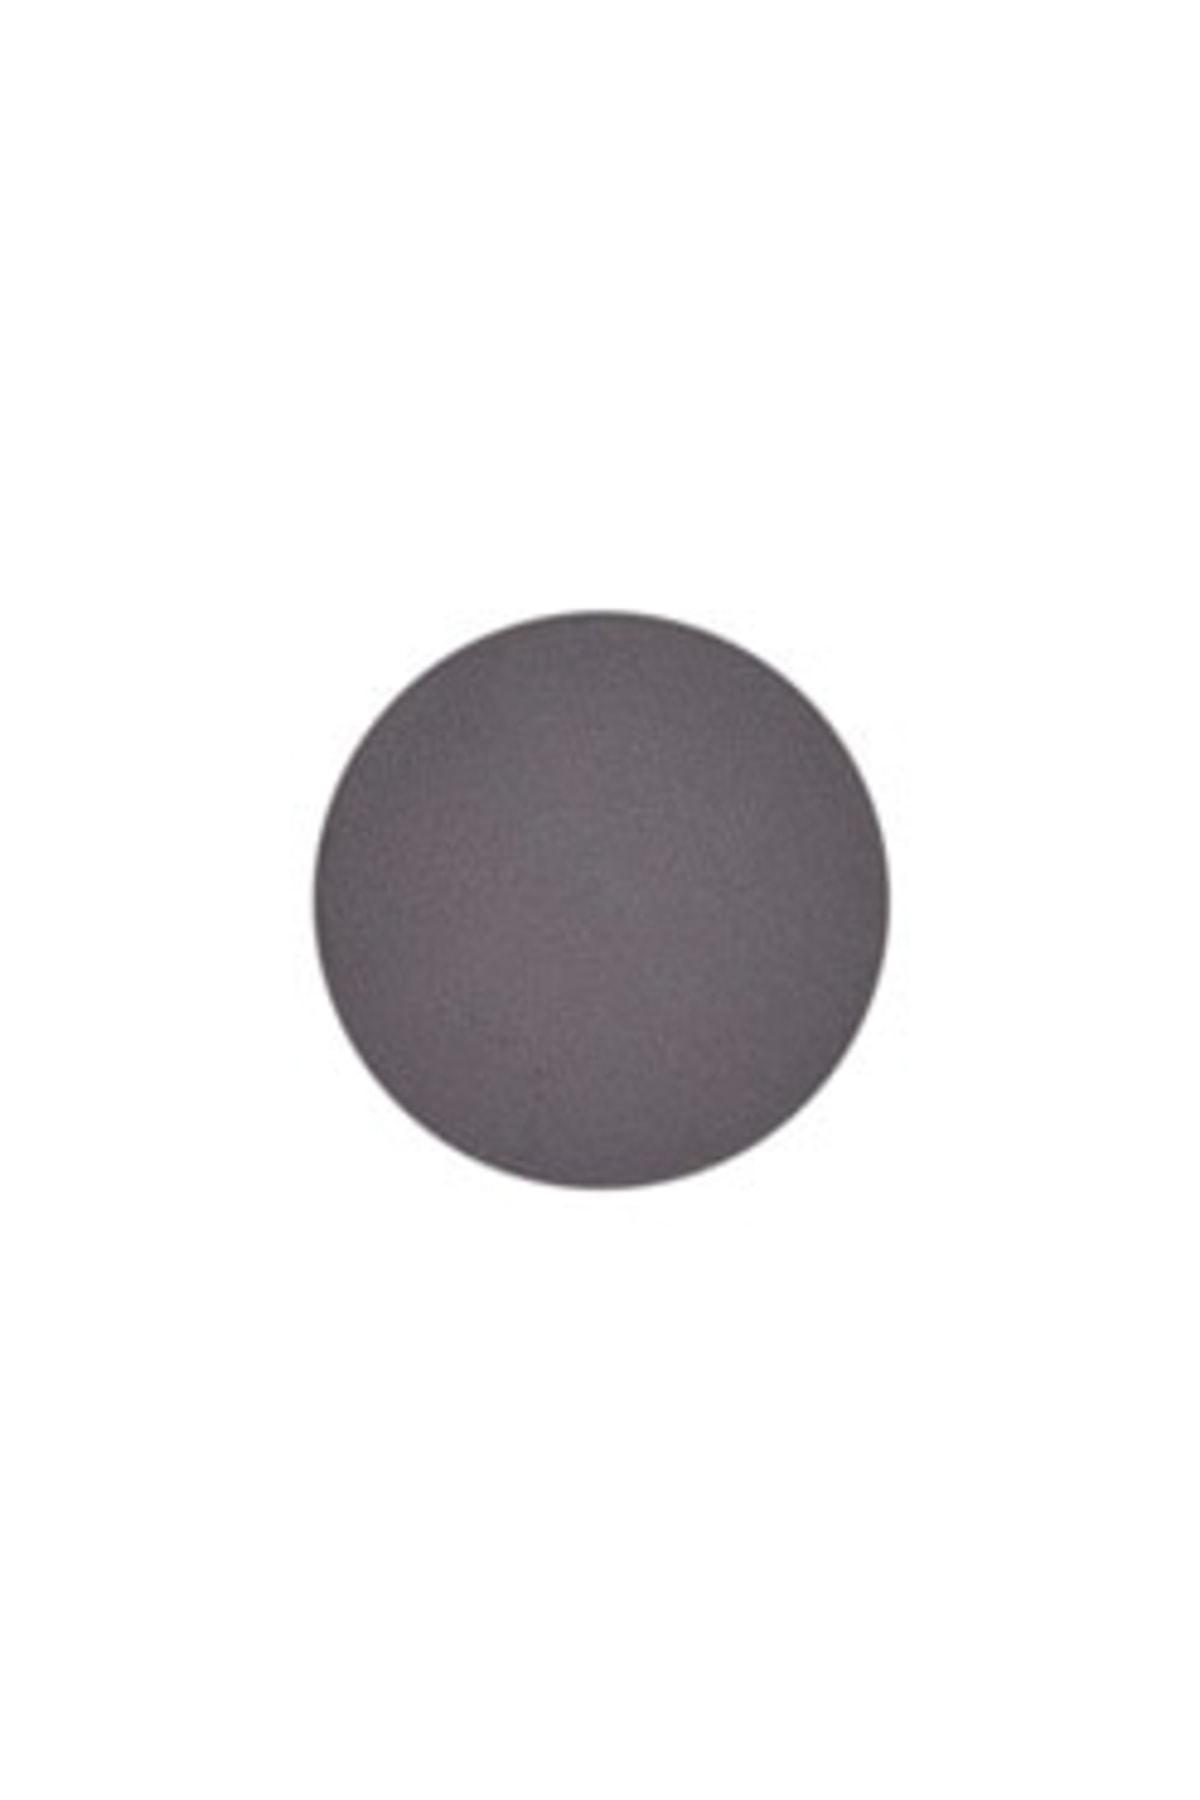 M.A.C Göz Farı - Refill Far Greystone 773602572922 1